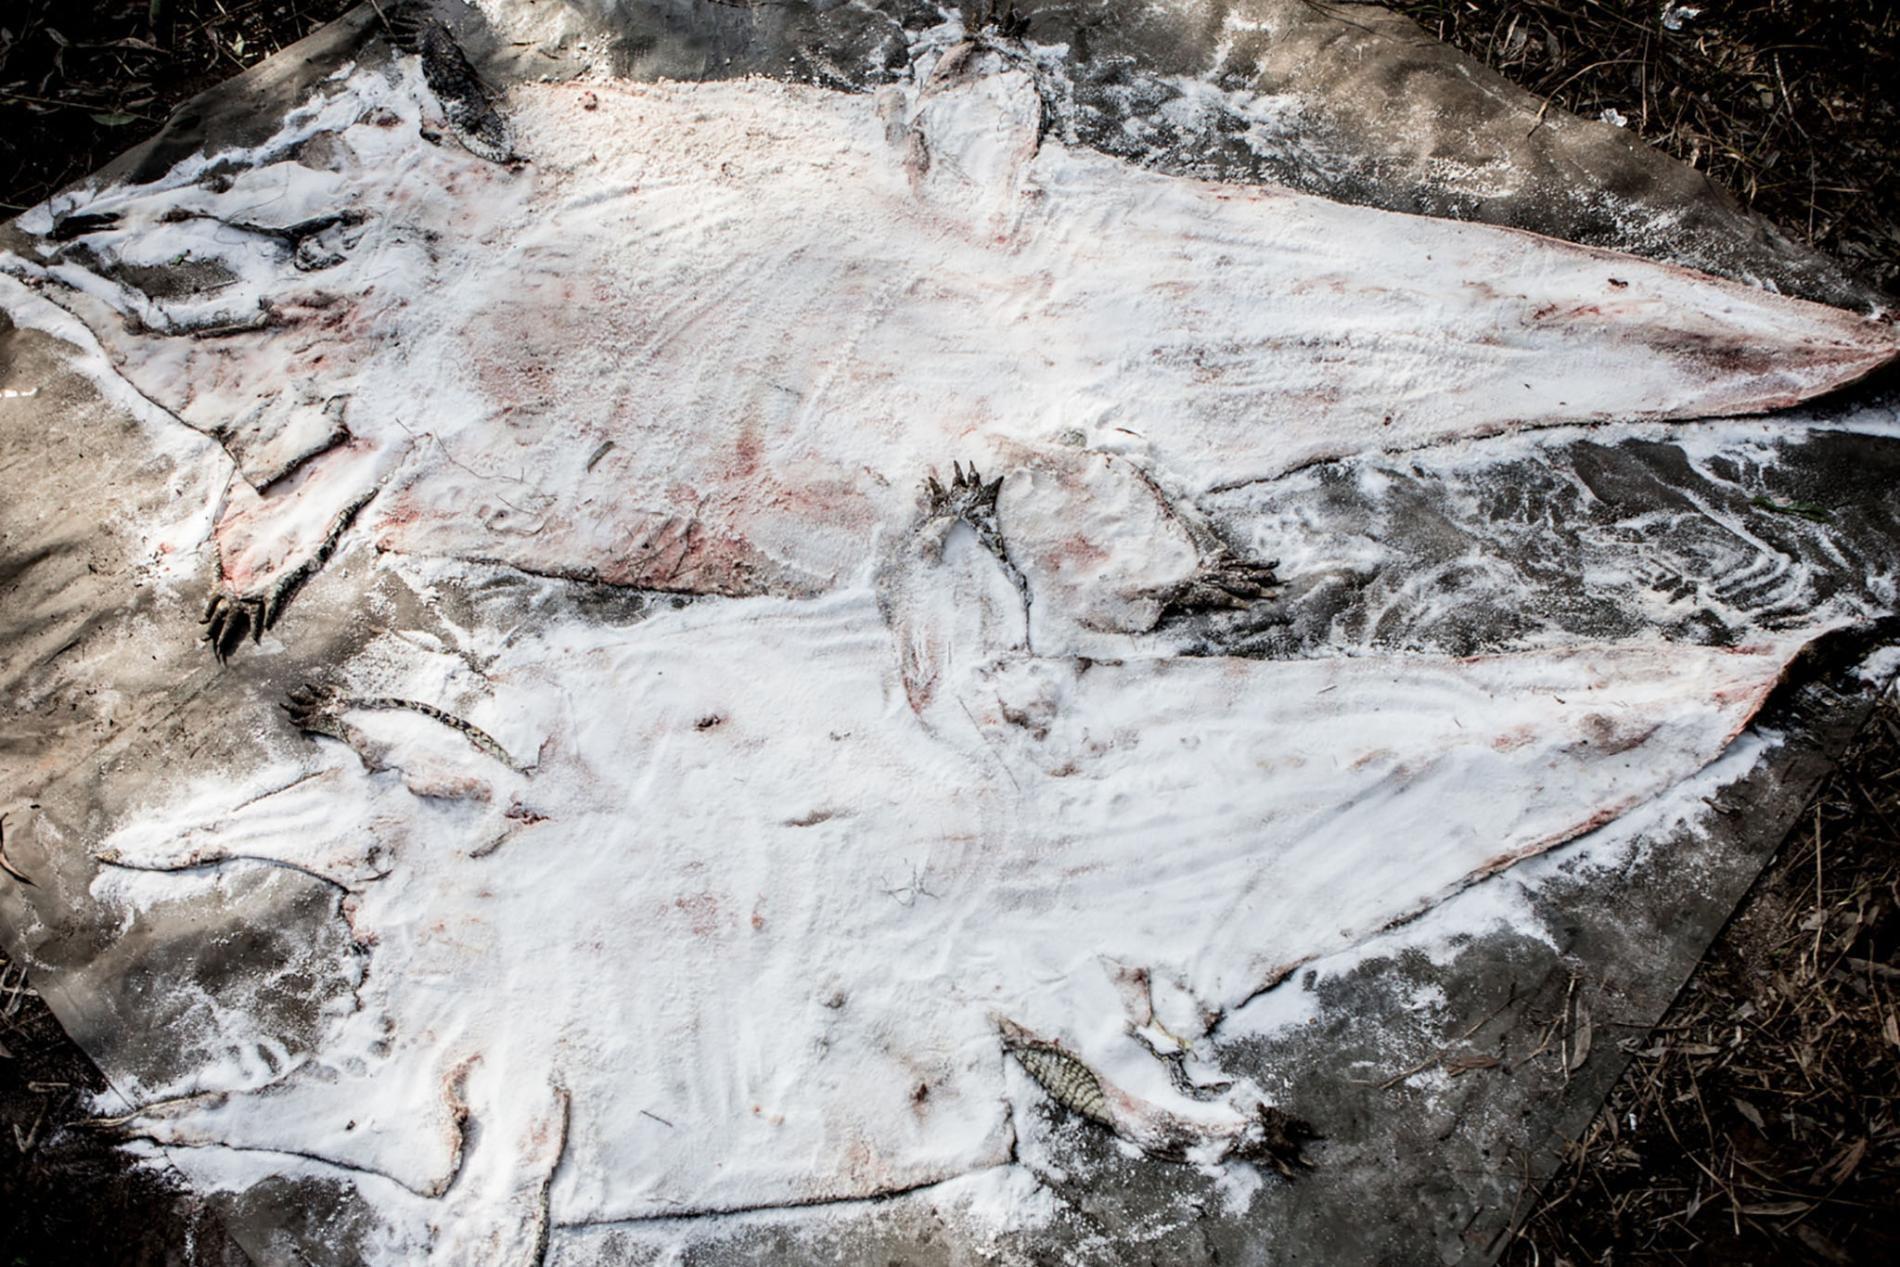 Săn cá sấu khổng lồ trên con thuyền vỏn vẹn dài 4m: Khi cuộc chiến thực sự bắt đầu! - Ảnh 14.